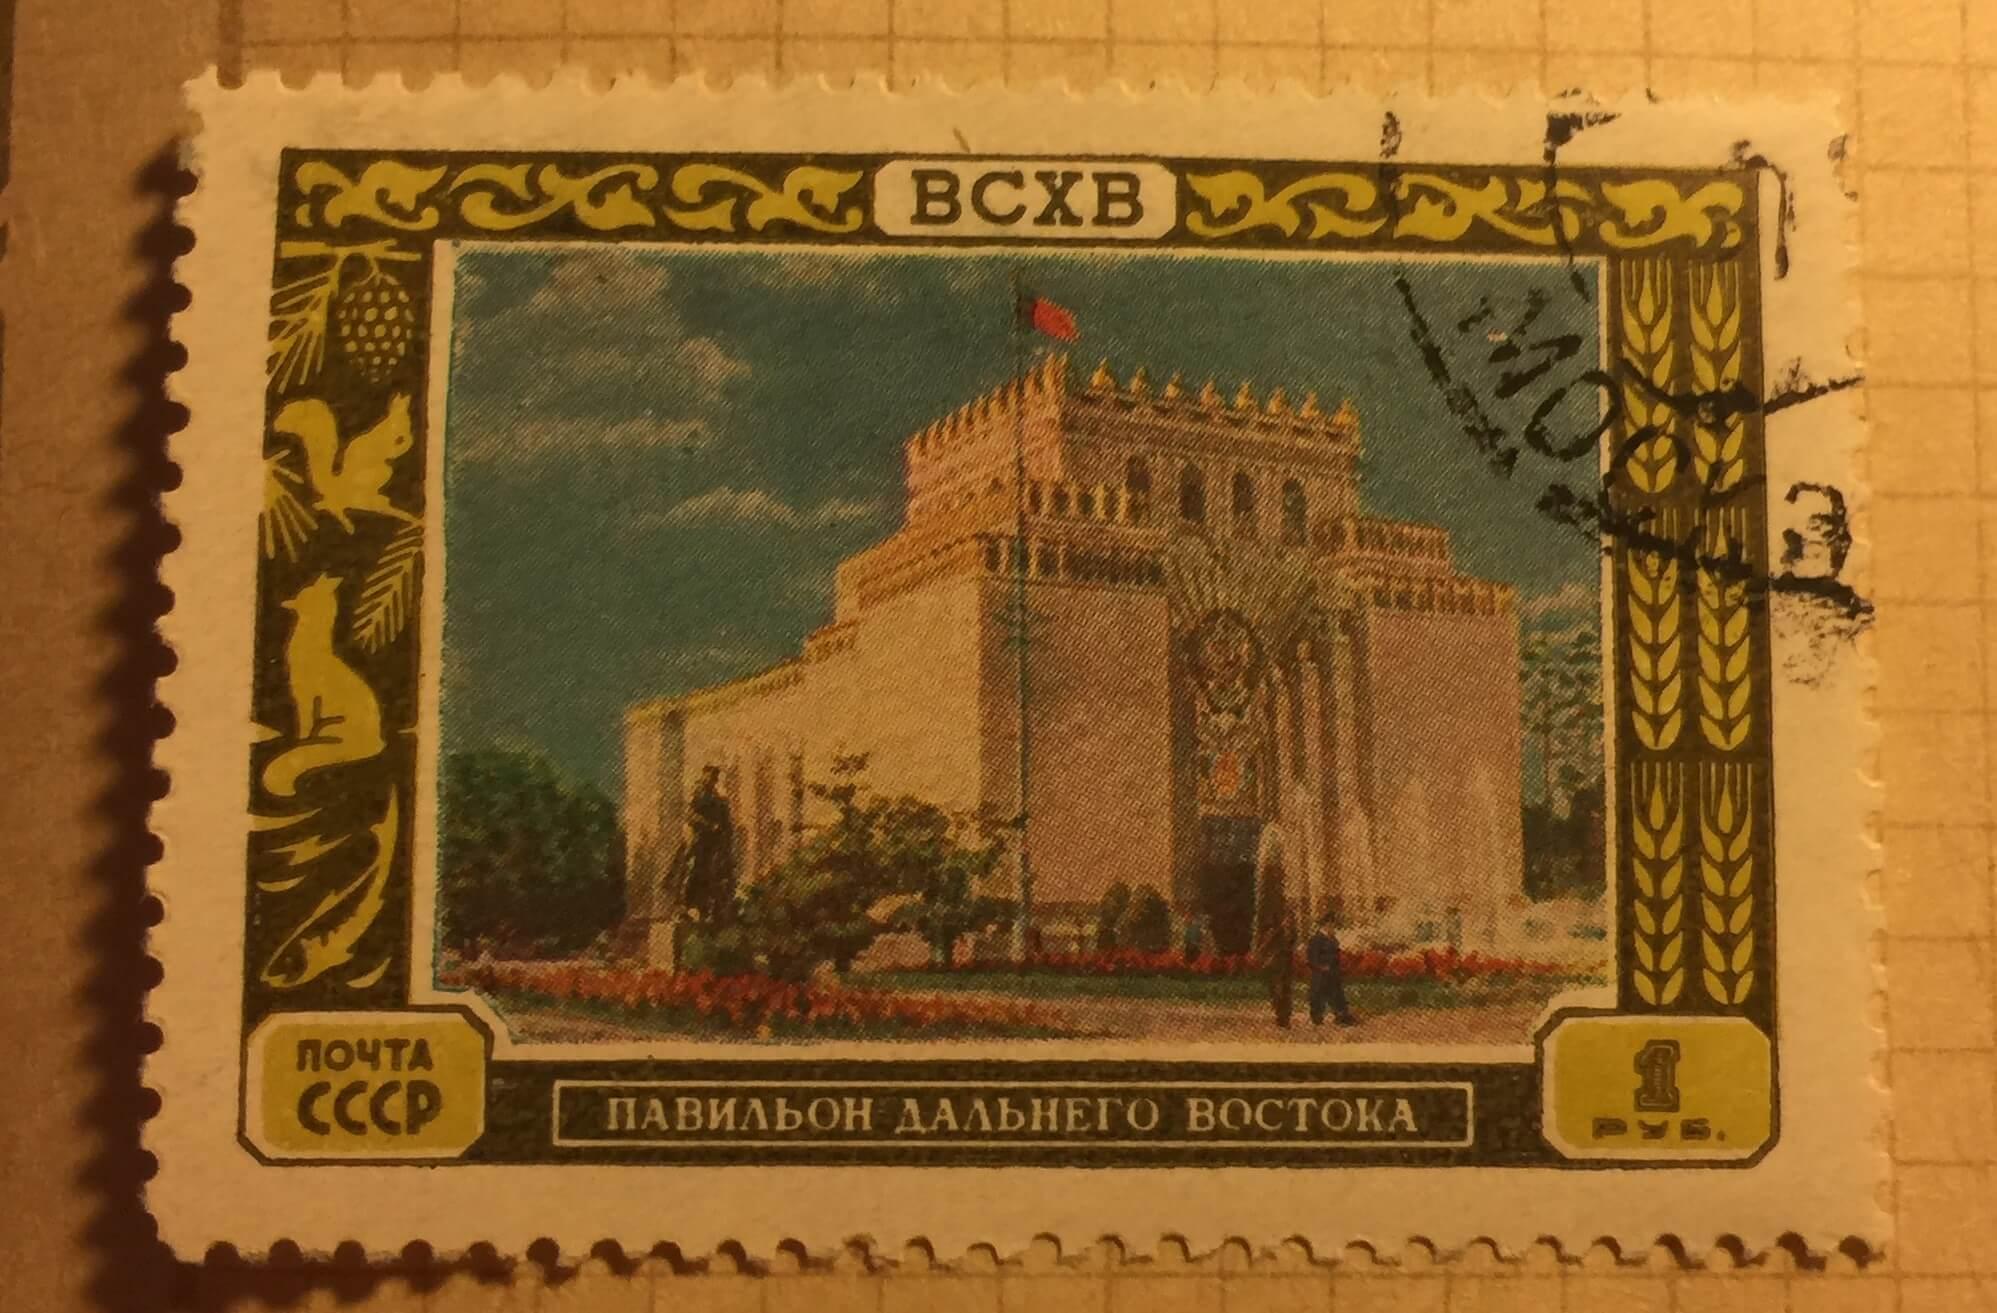 Купить почтовую марку СССР Павильон Дальний Восток 66763bc86789a